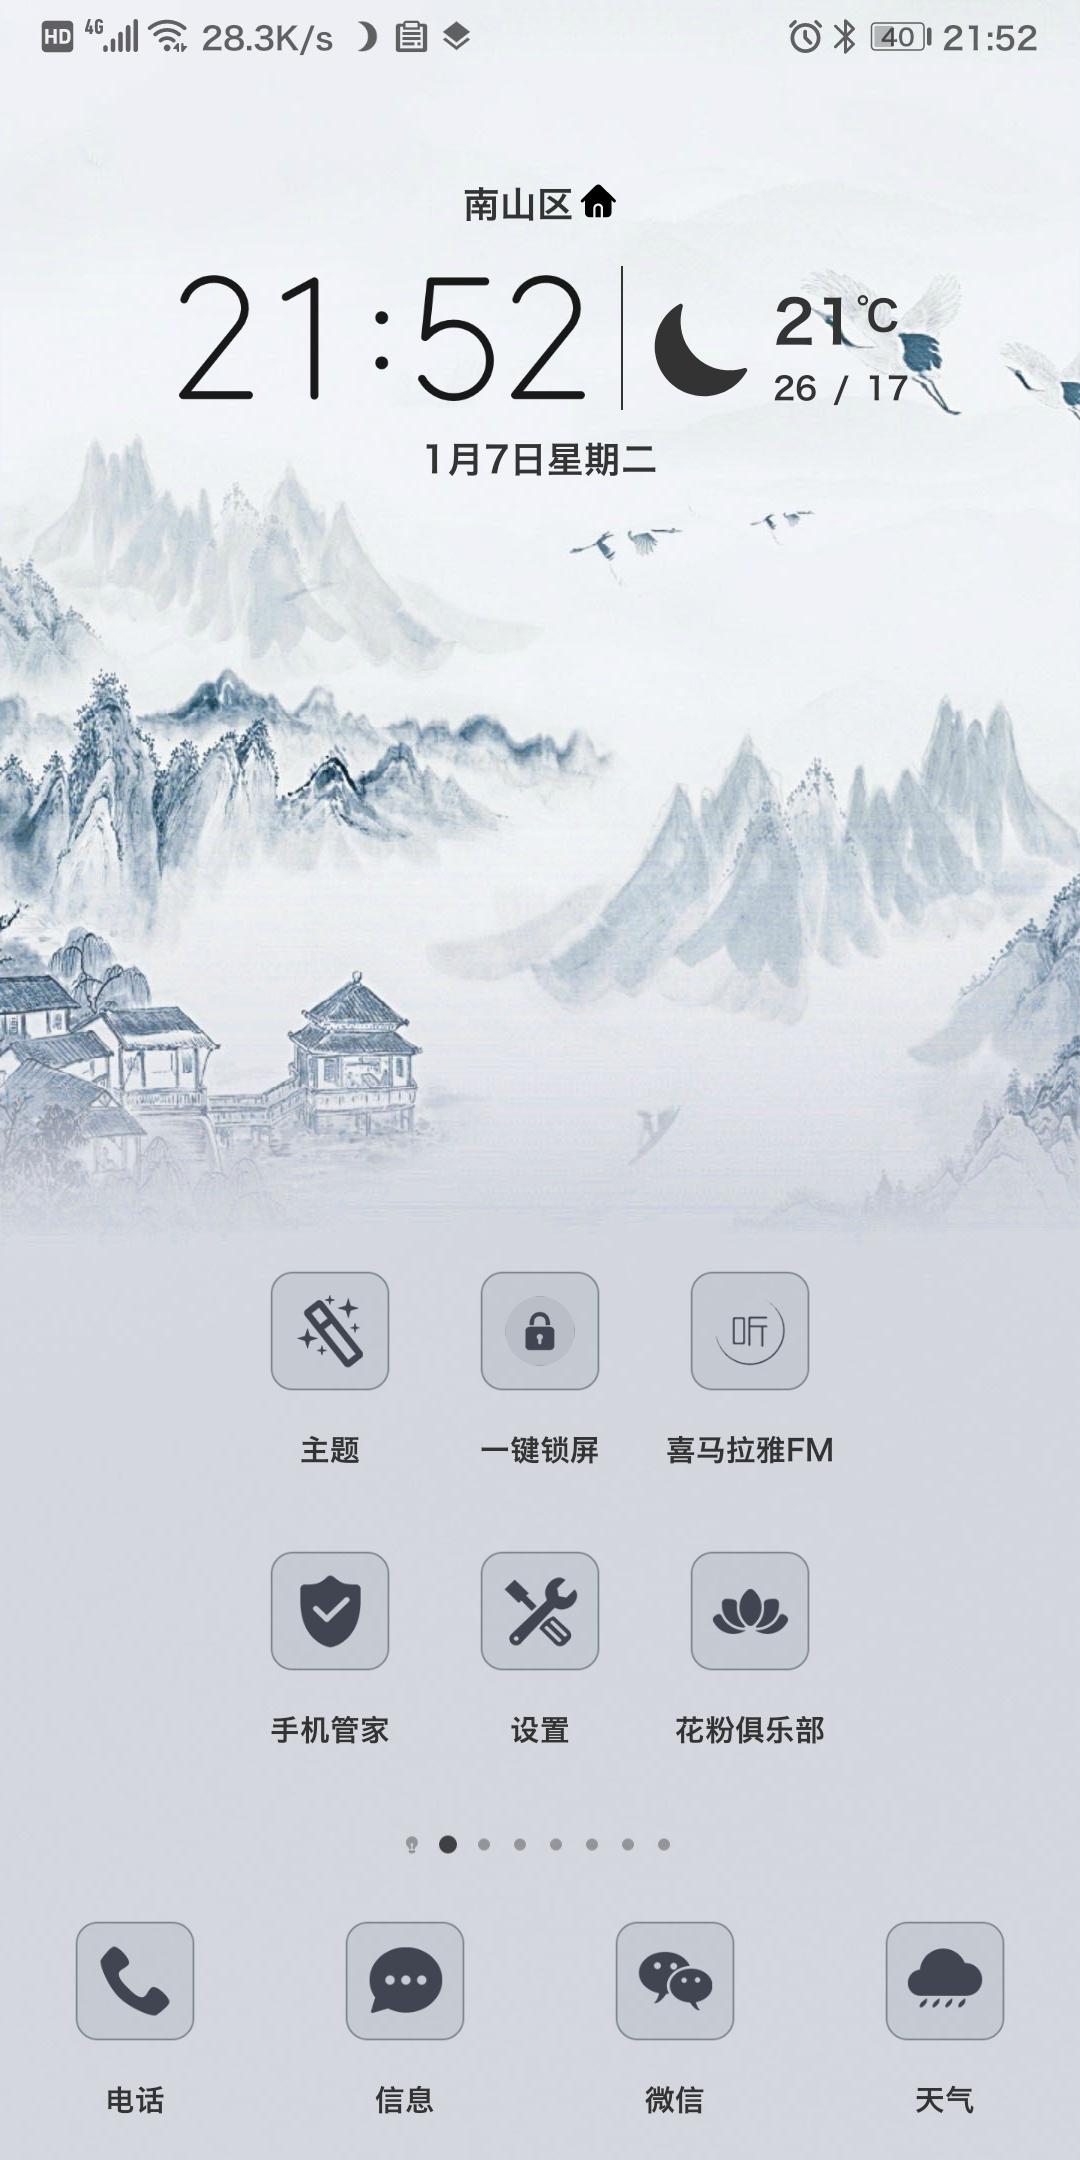 Screenshot_20200107_215219_com.huawei.android.launcher.jpg